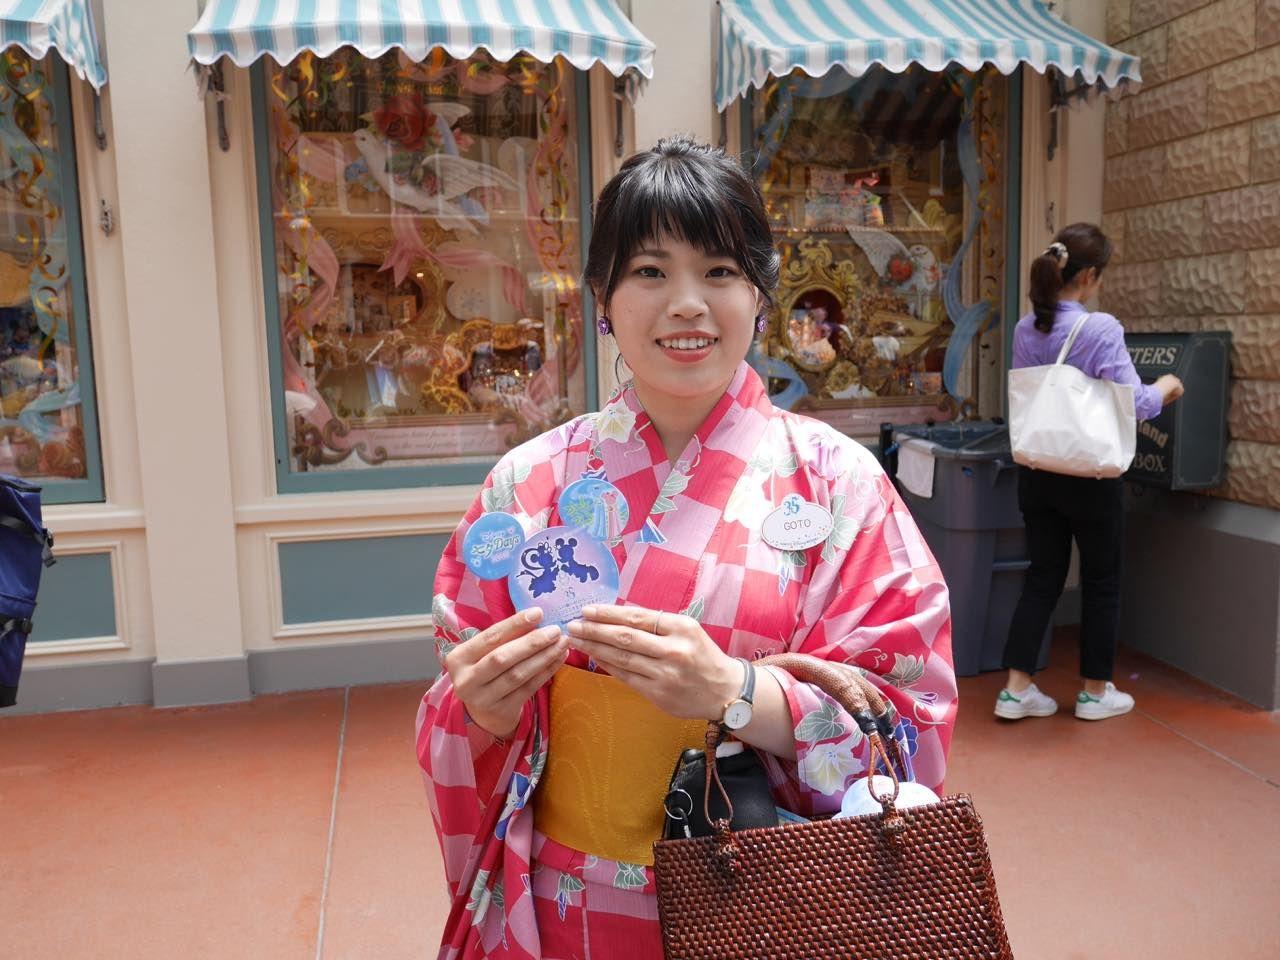 東京ディズニーランドのウィッシングプレイスはプラザテラスに登場!